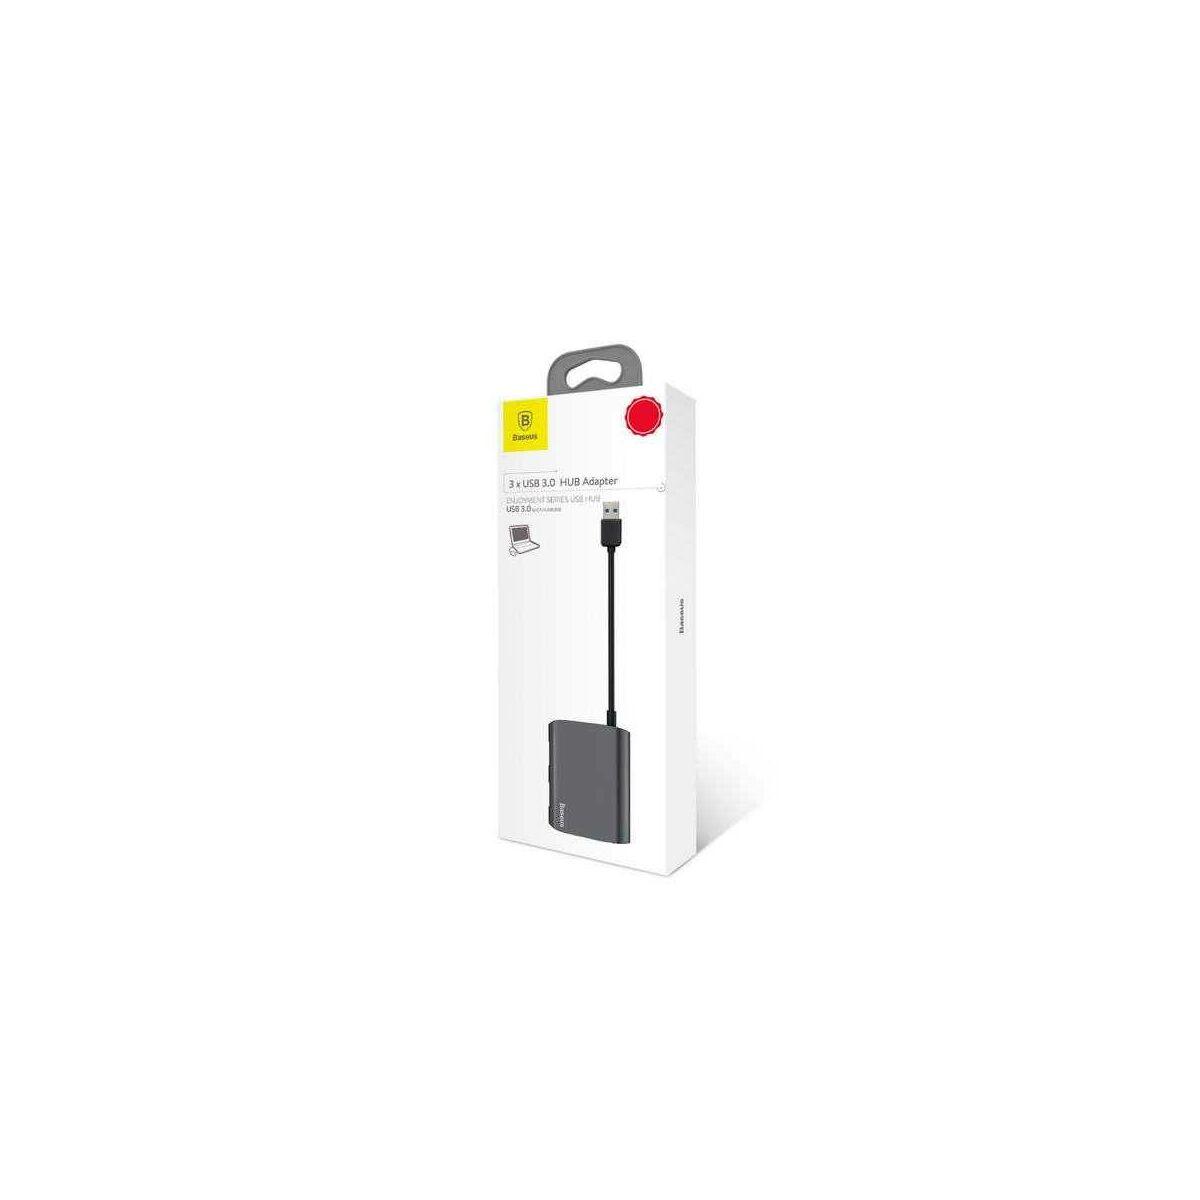 Baseus HUB, Enjoyment series (USB bemenetről - 3xUSB3.0) adapter, szürke (CAHUB-A0G)